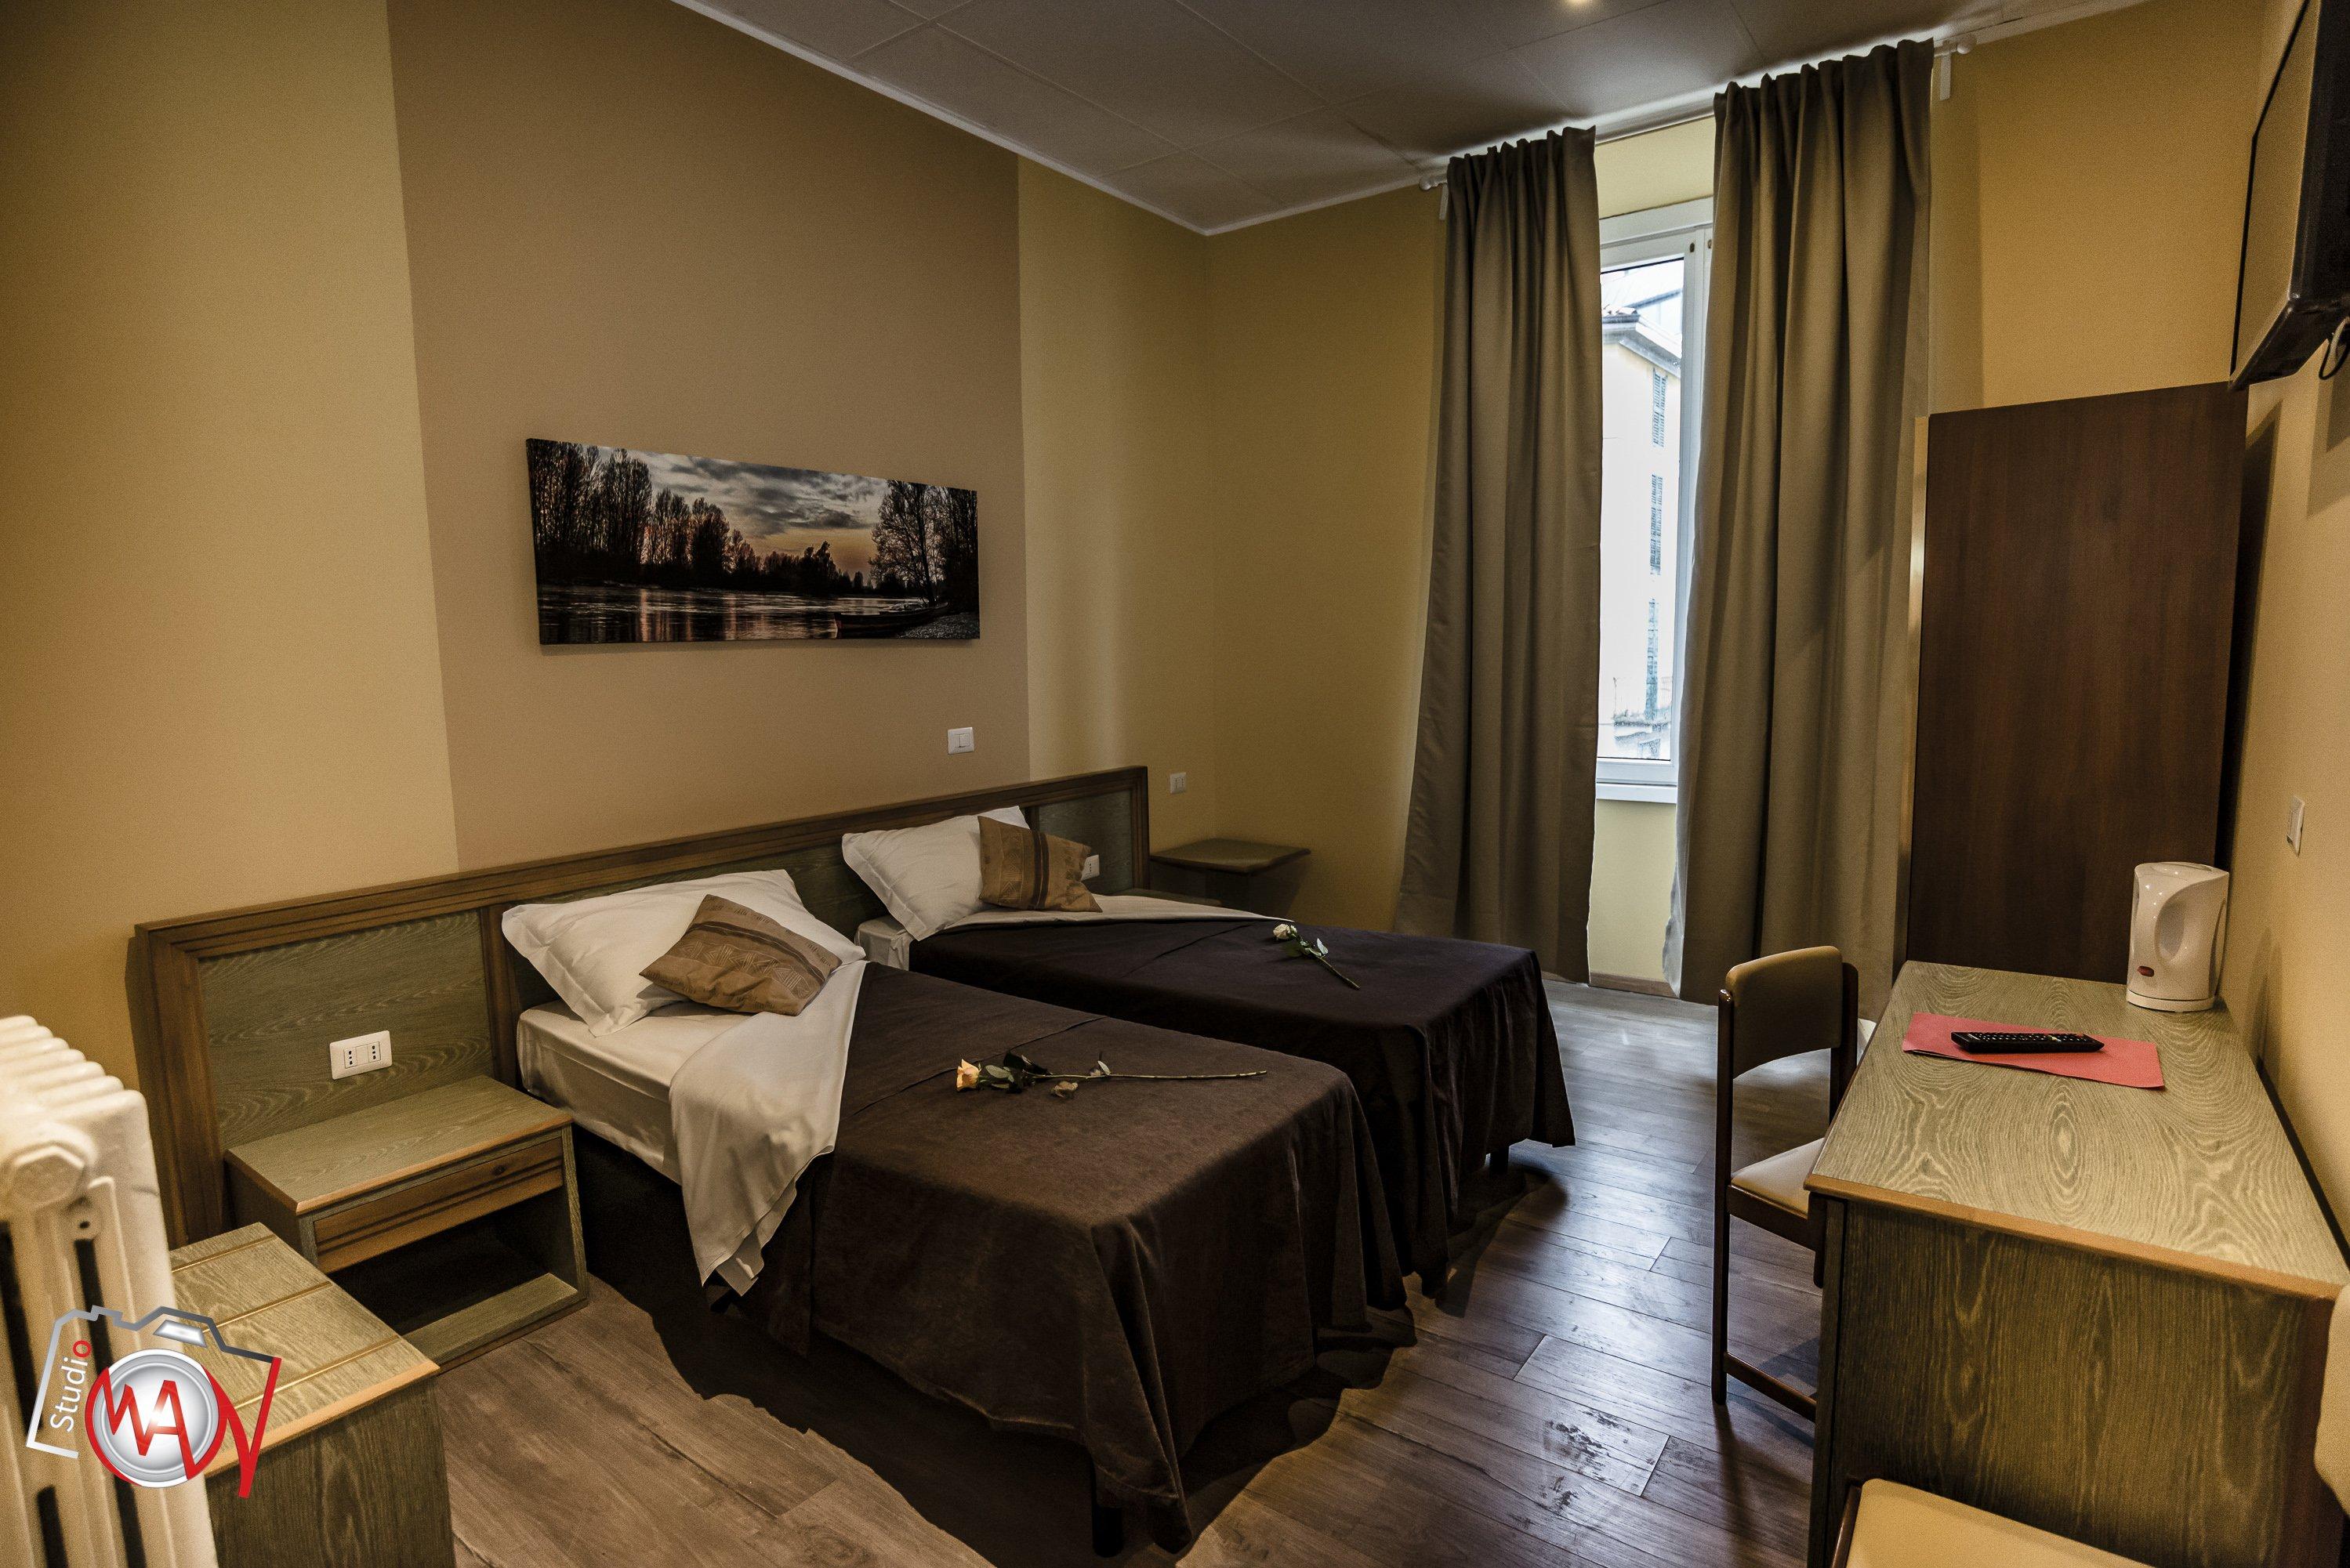 camera doppia in albergo a lecco